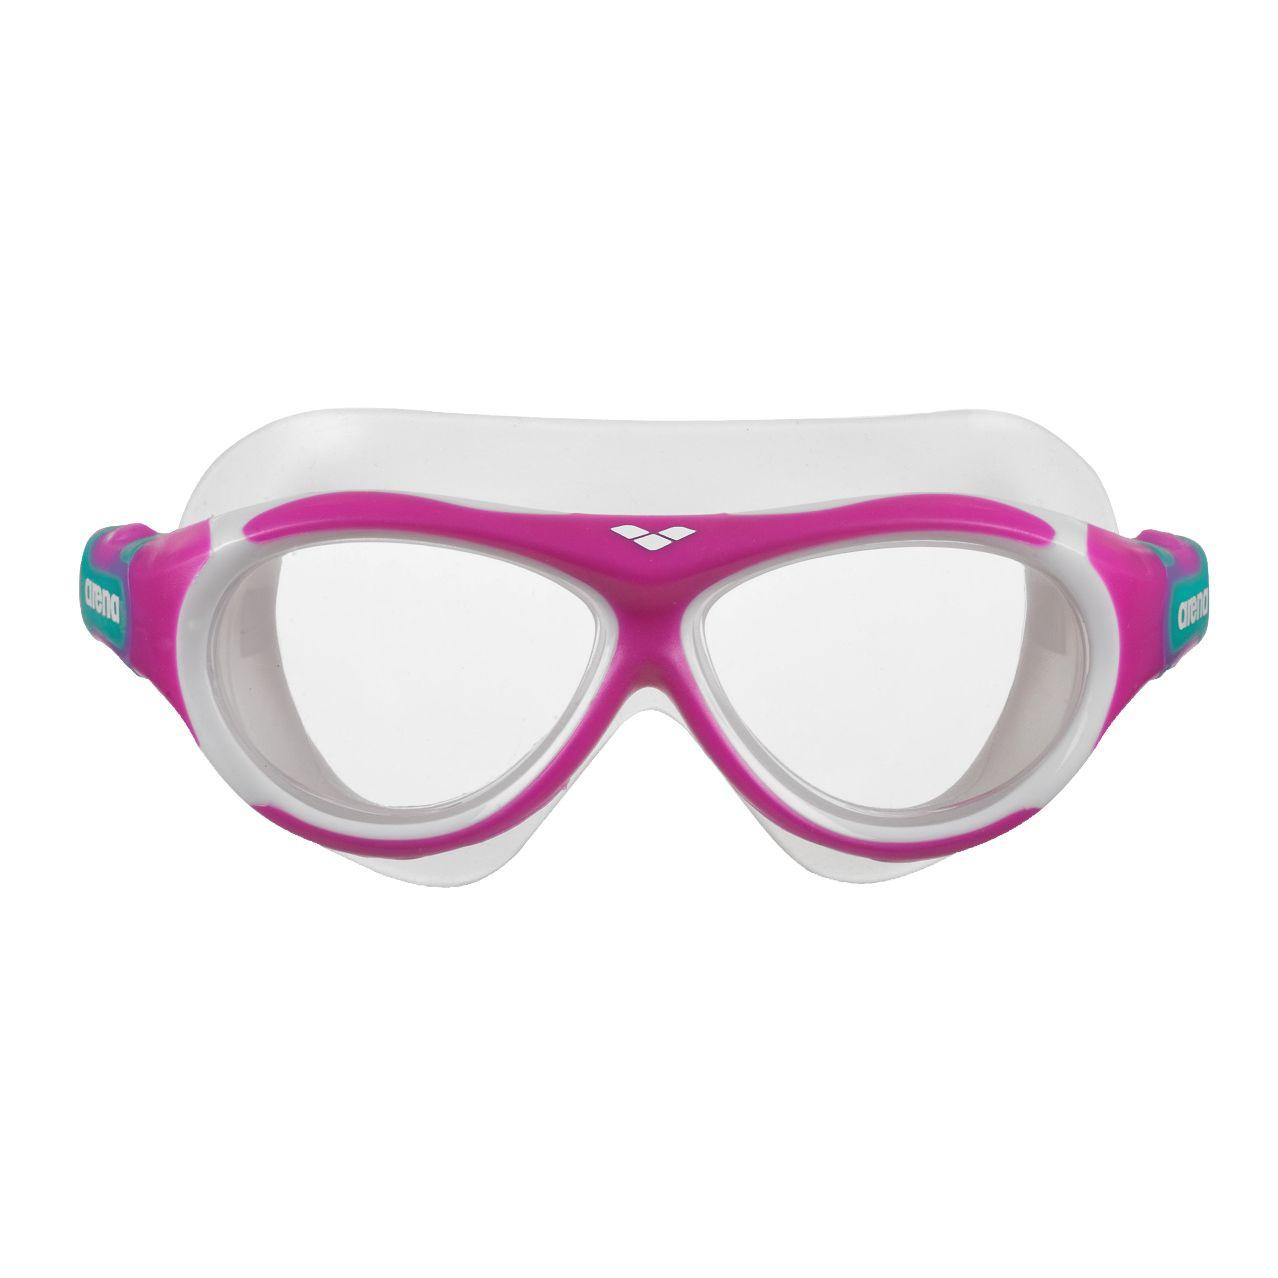 Goggles de Natación arena para Niños Oblo Junior_6009